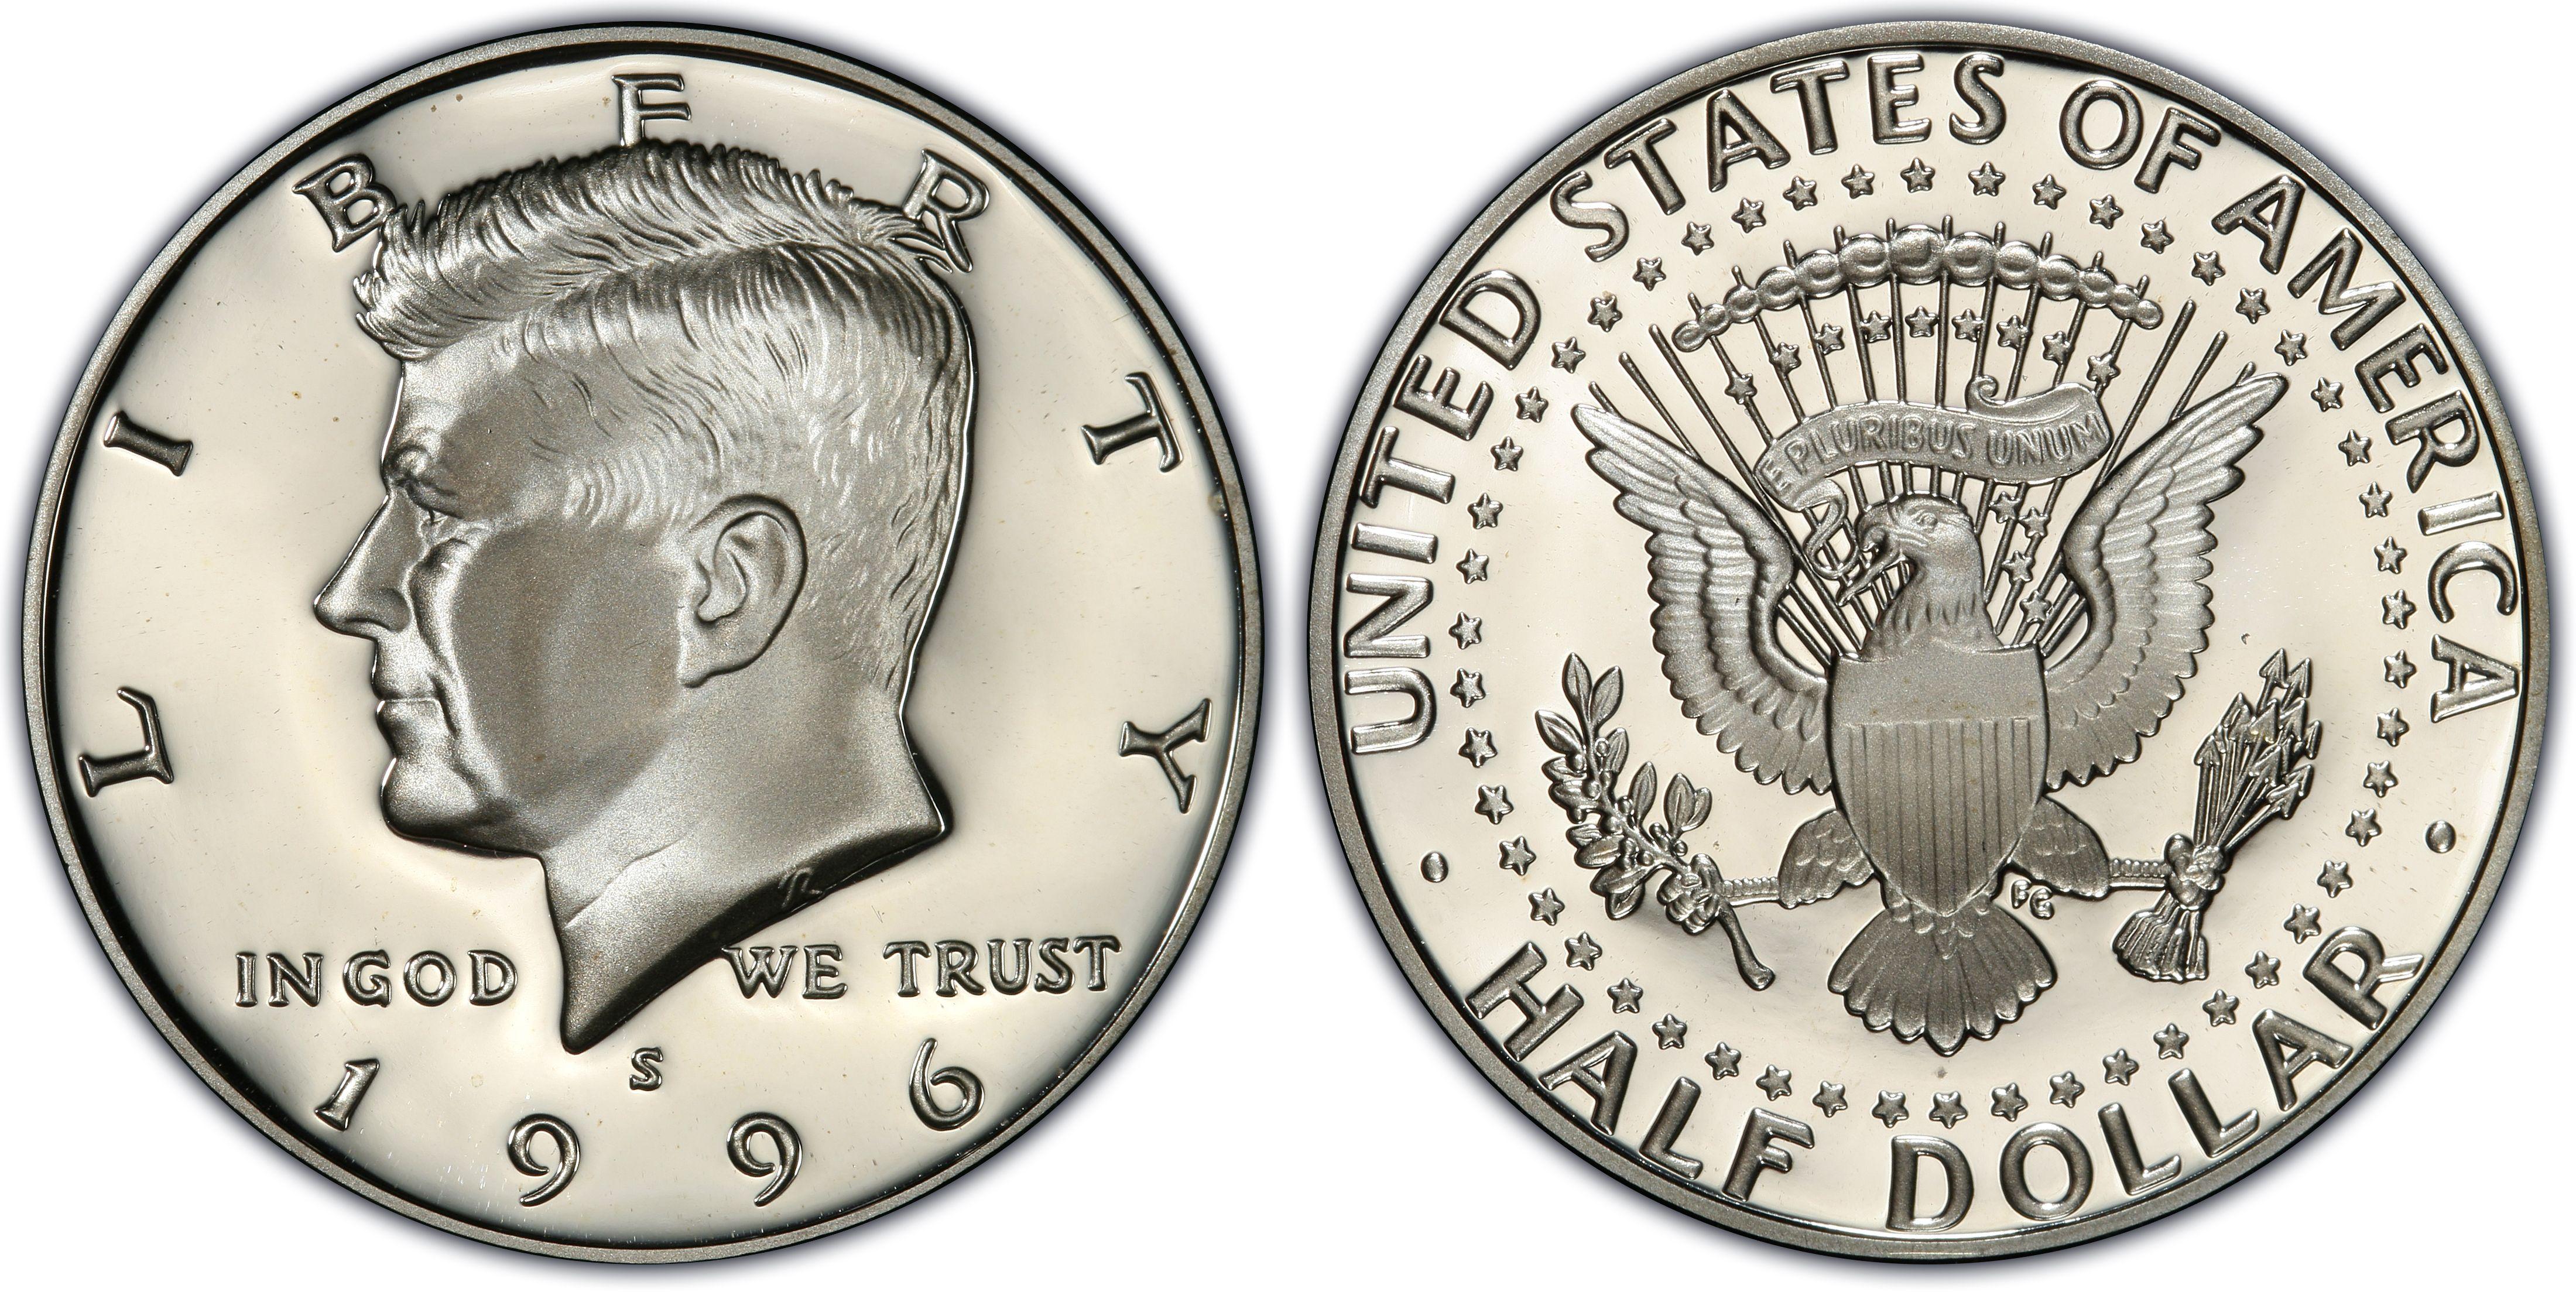 1996 half dollar coin